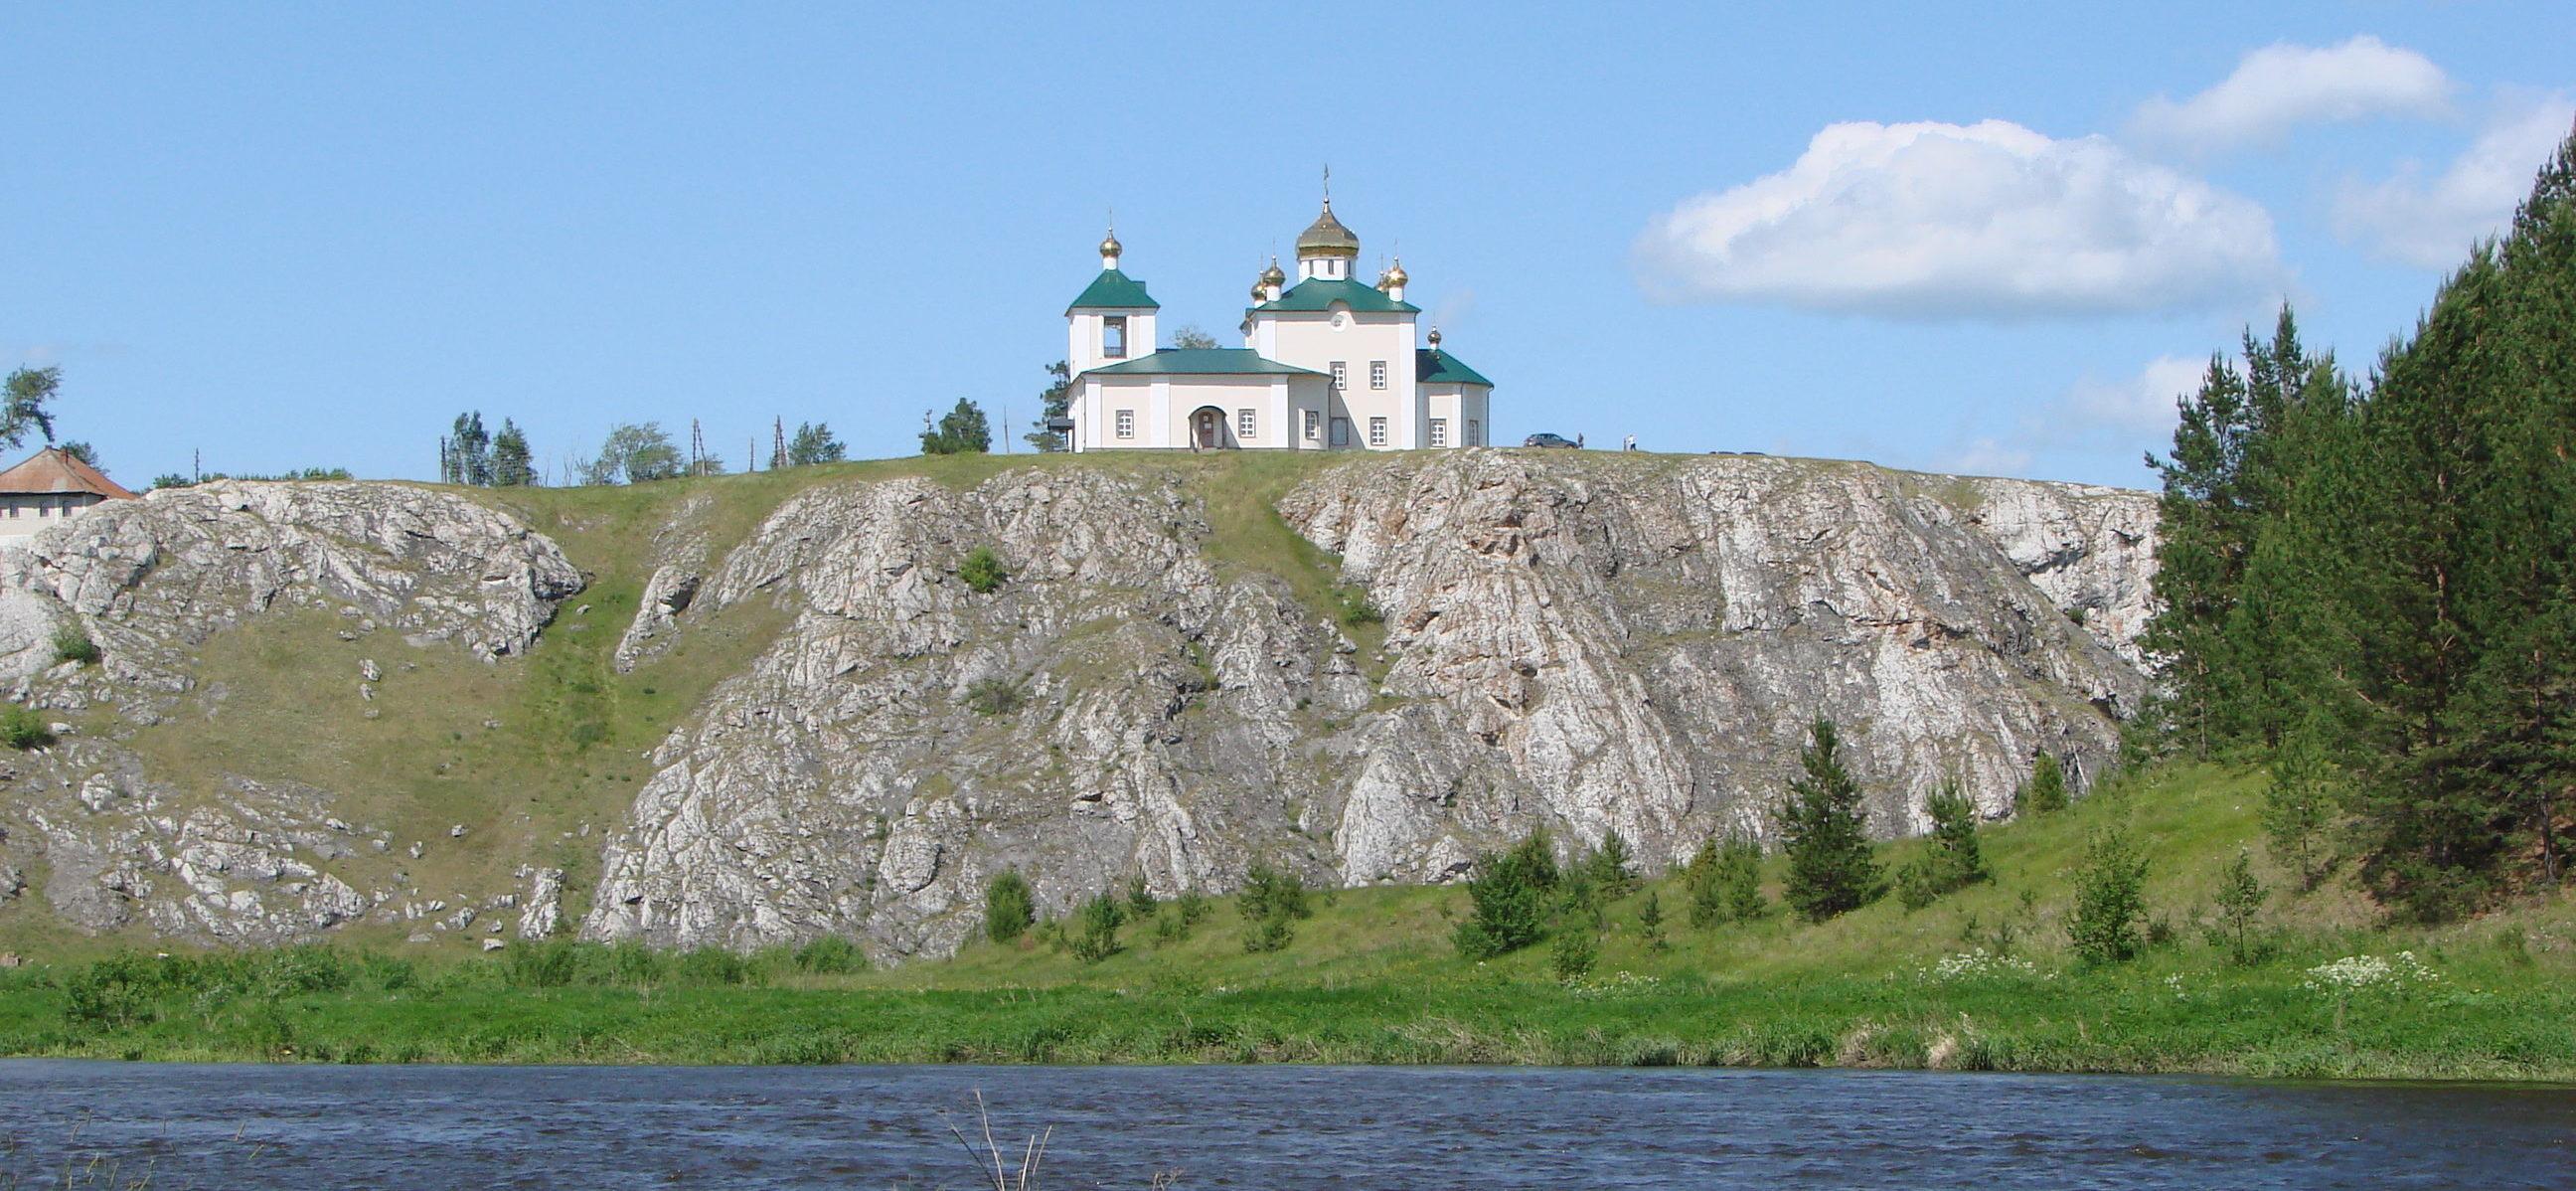 Церковный камень в Арамашево с Казанским храмом на вершине